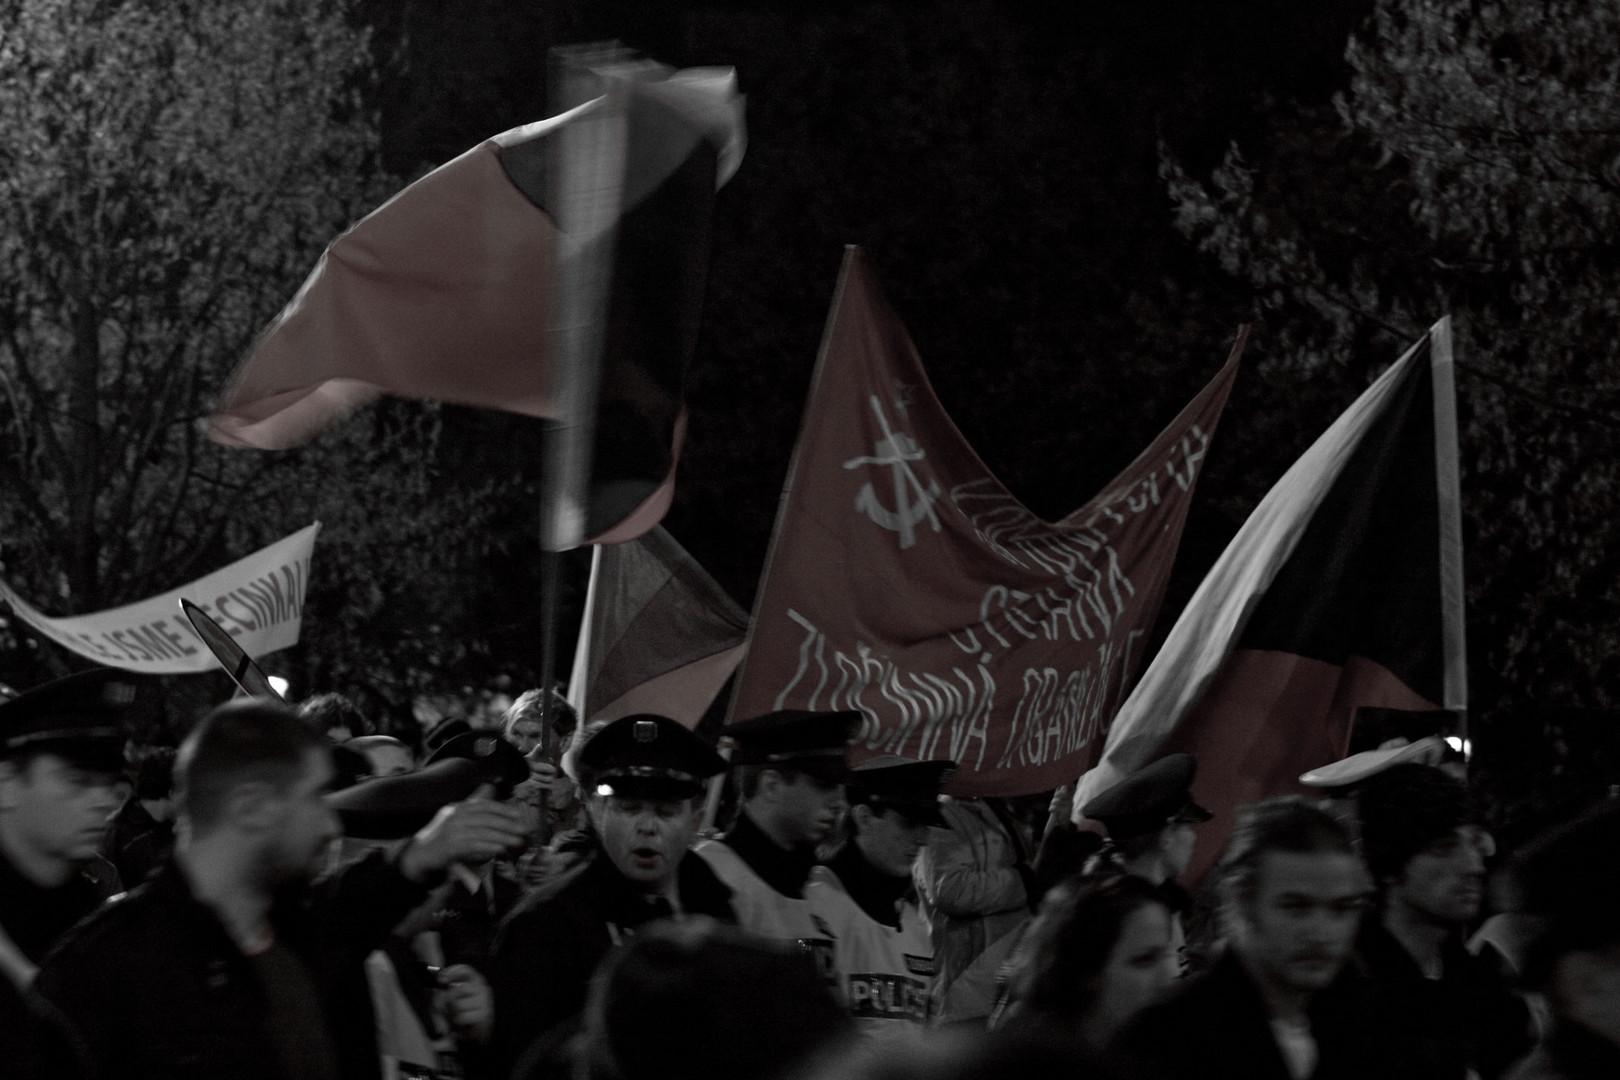 Praha velvet revolution commemoration day